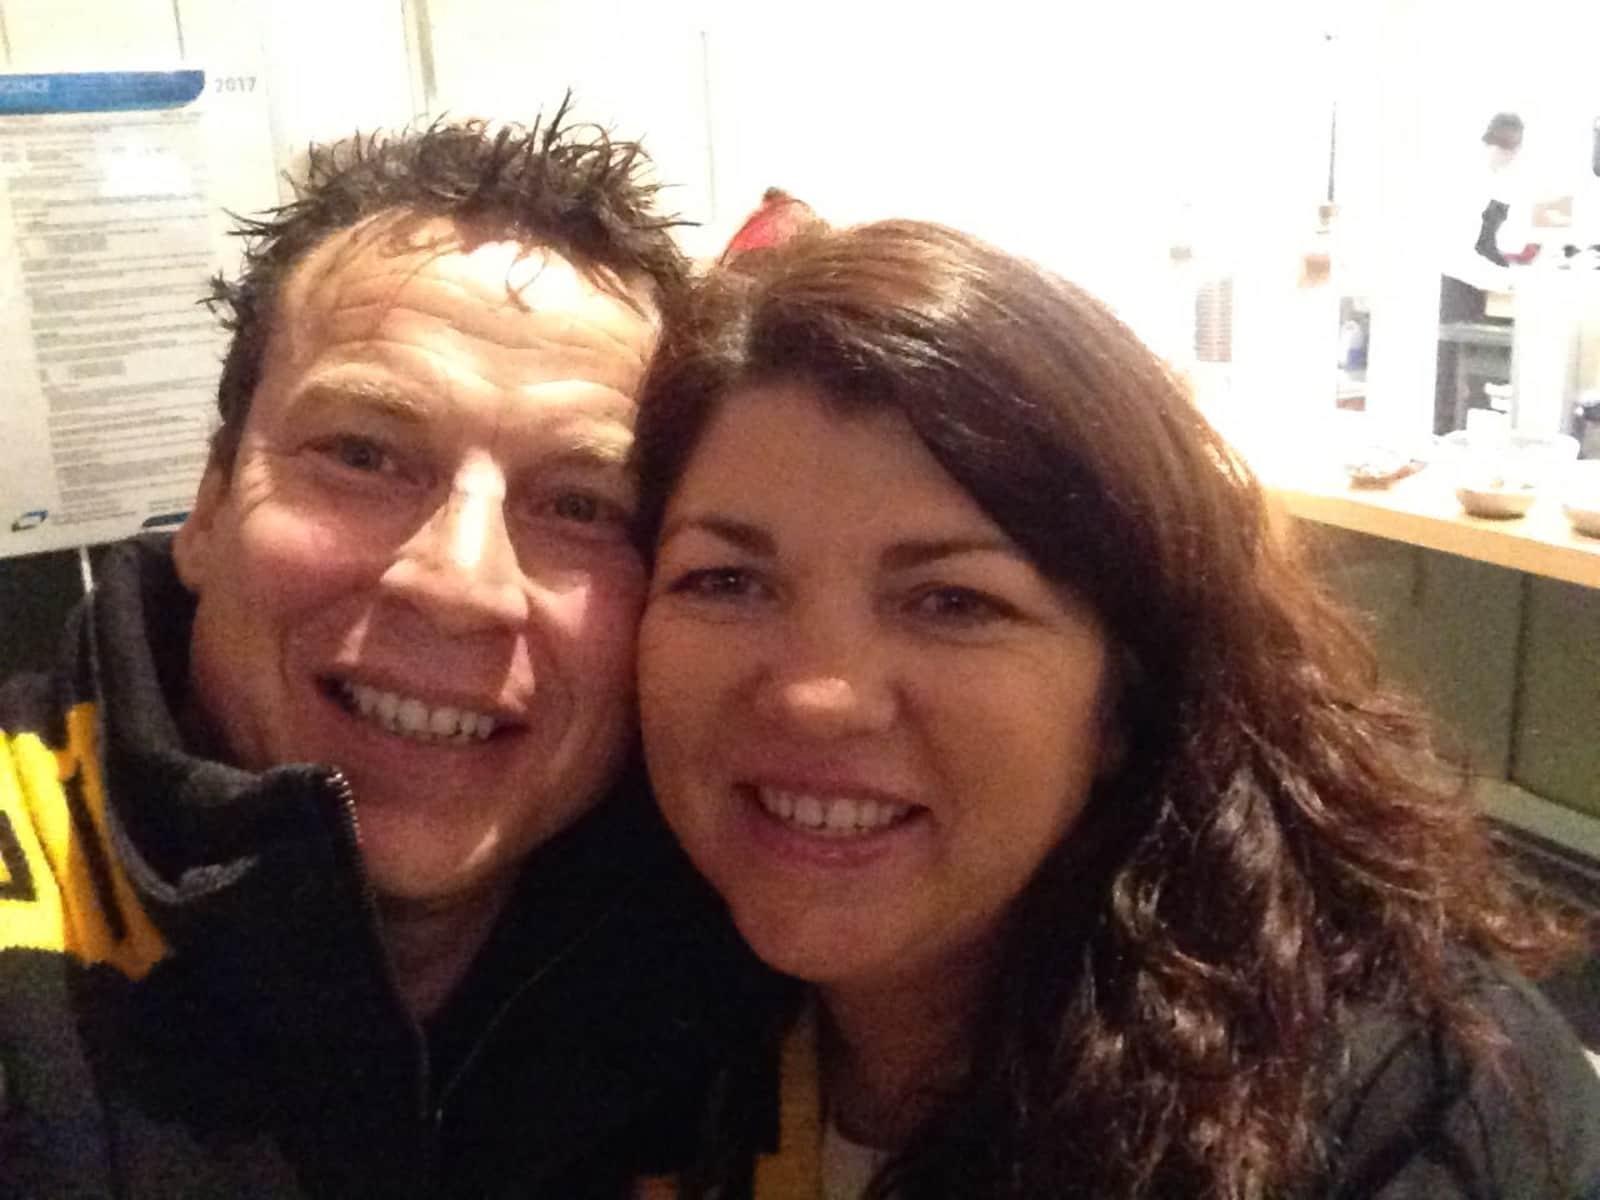 Clare & Travis from Seaford, Victoria, Australia